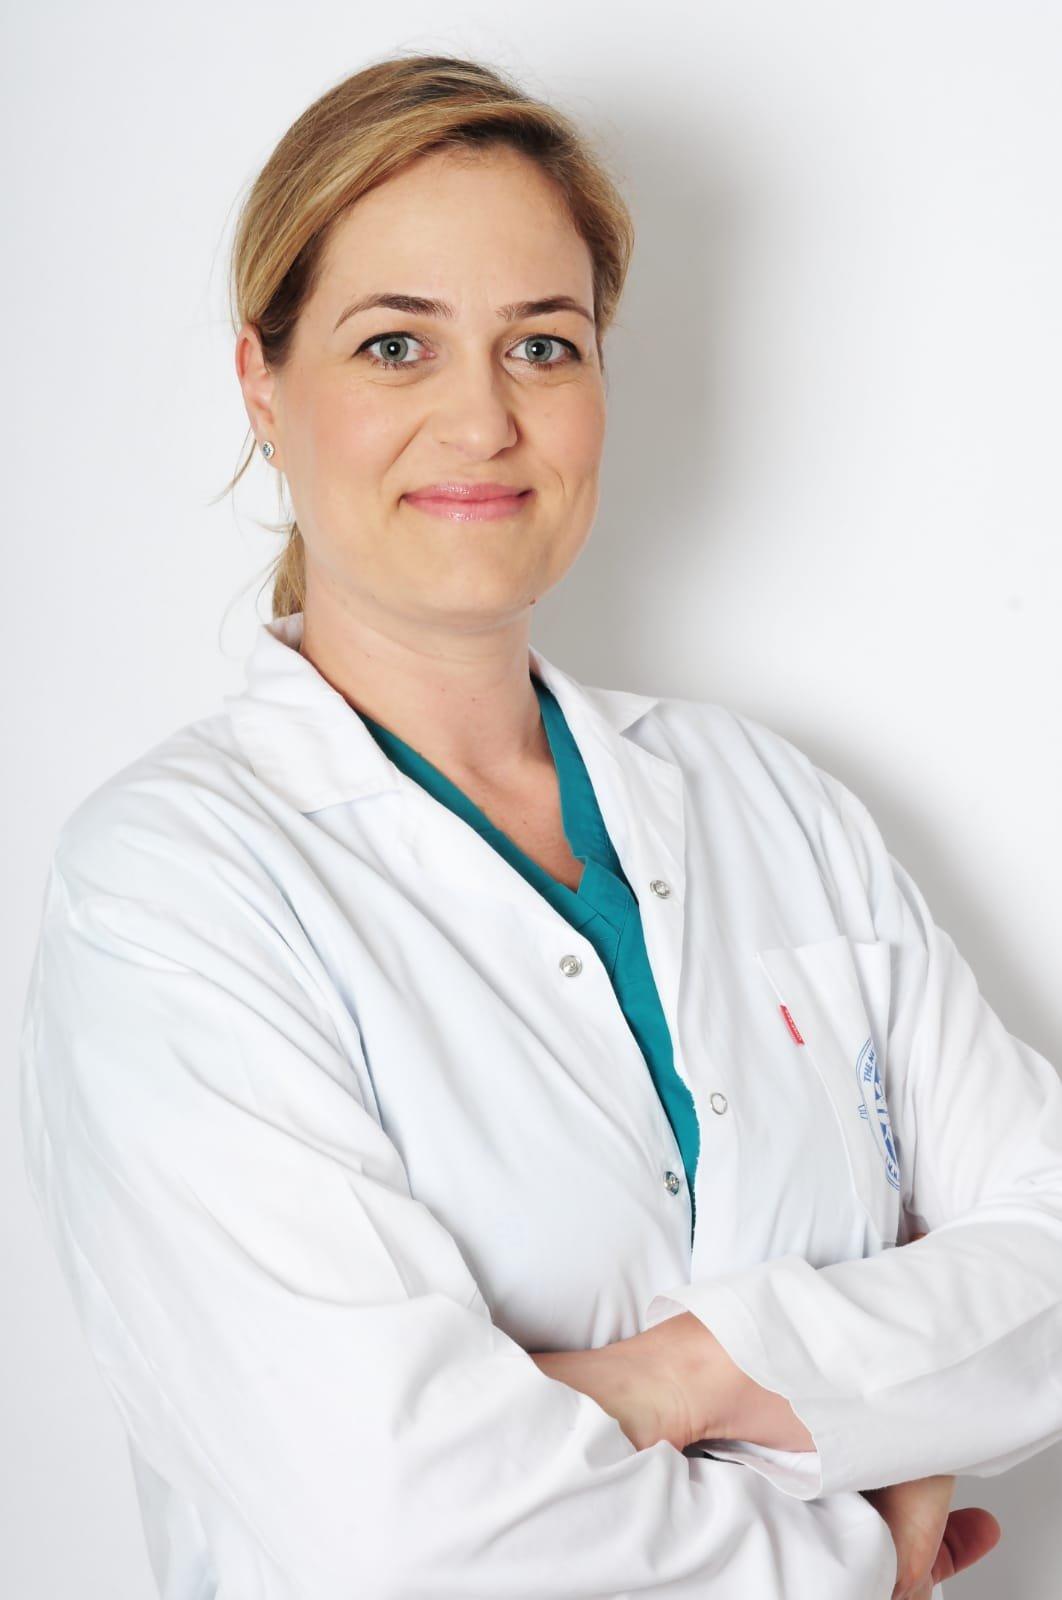 توسيع خدمة علاج عمليات المسالك البولية النسائية وعمليات الحوض وهبوط الرحم في مستشفى الناصرة الانجليزي